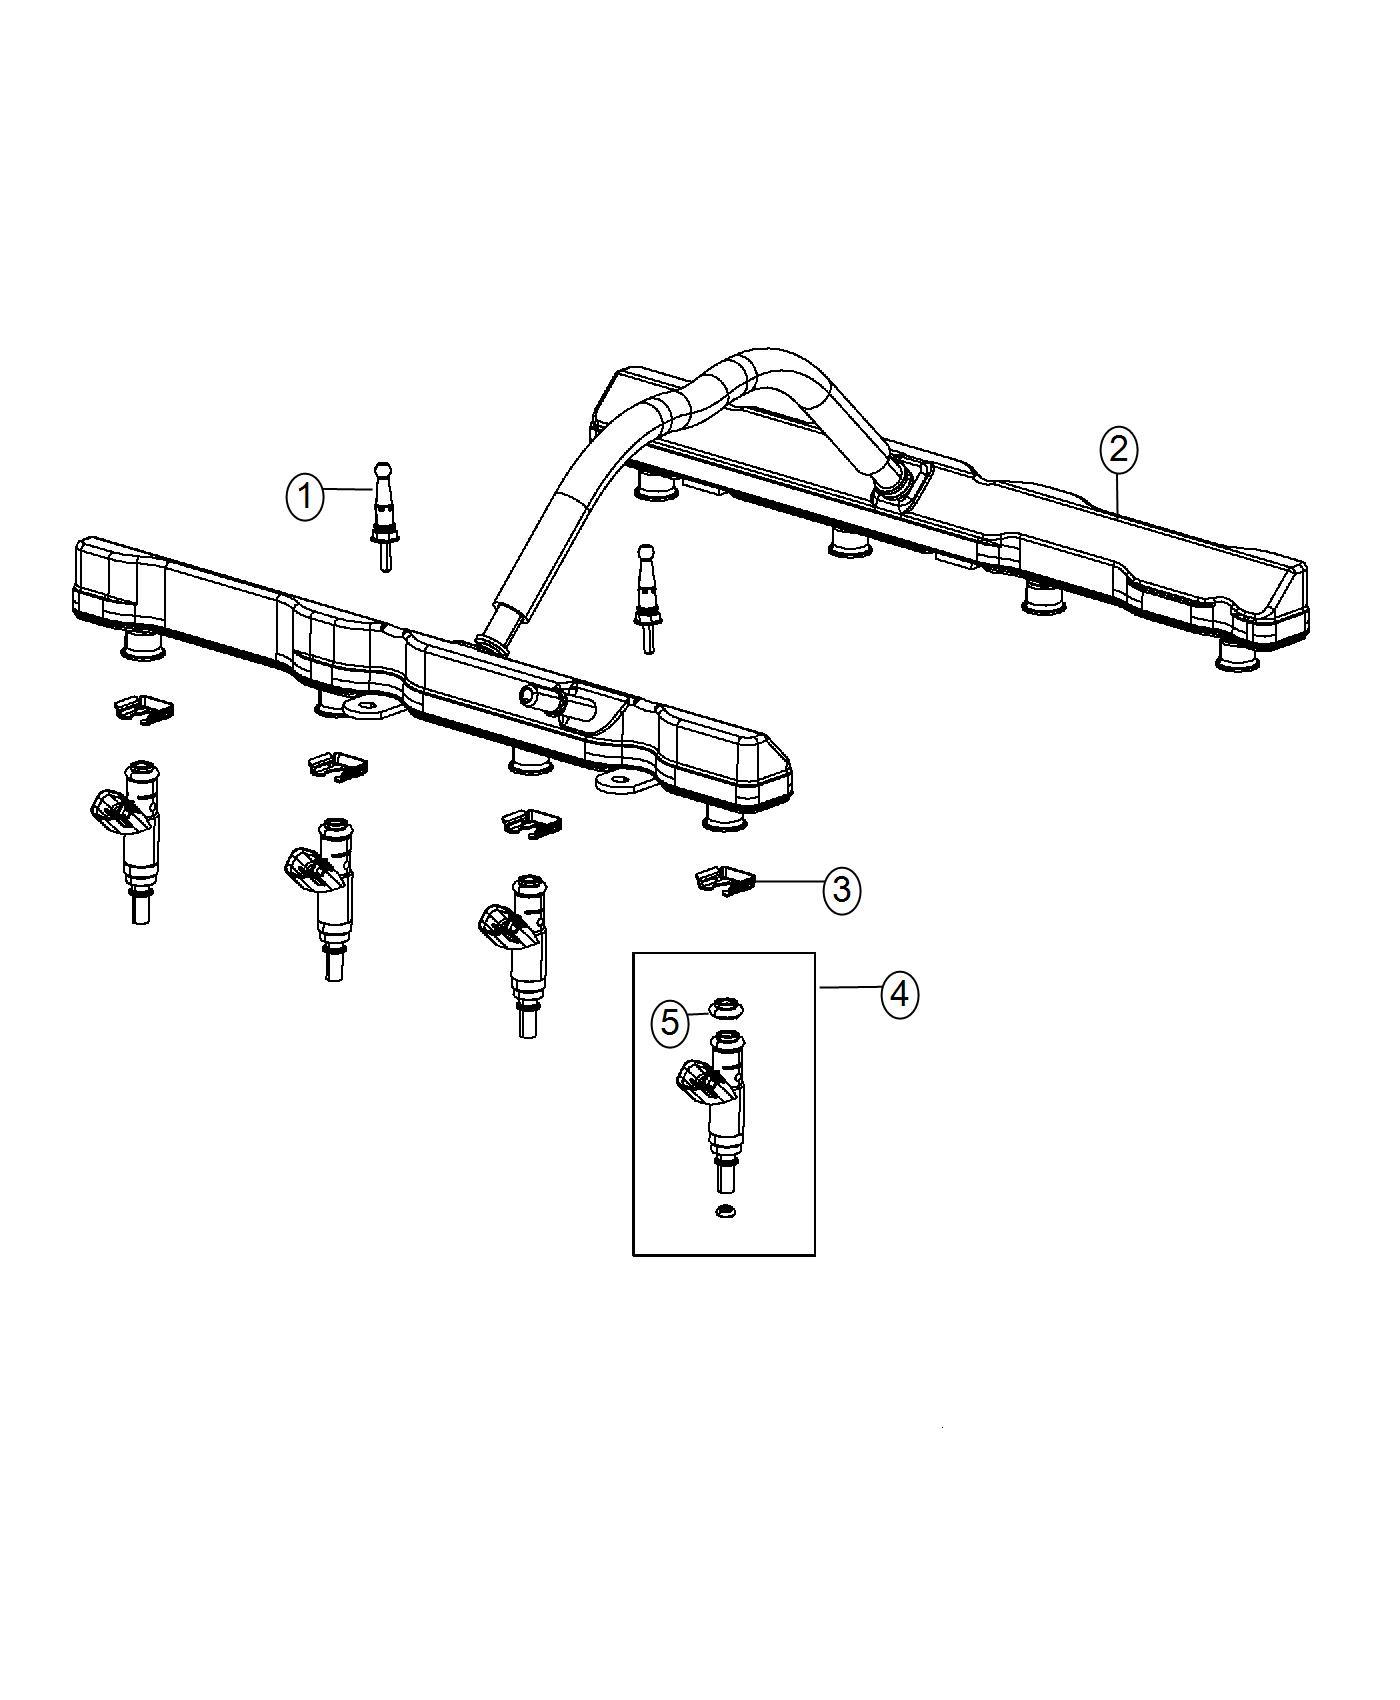 Dodge Charger Rail Fuel 6 4l Srt Hemi Smpi V8 Engine